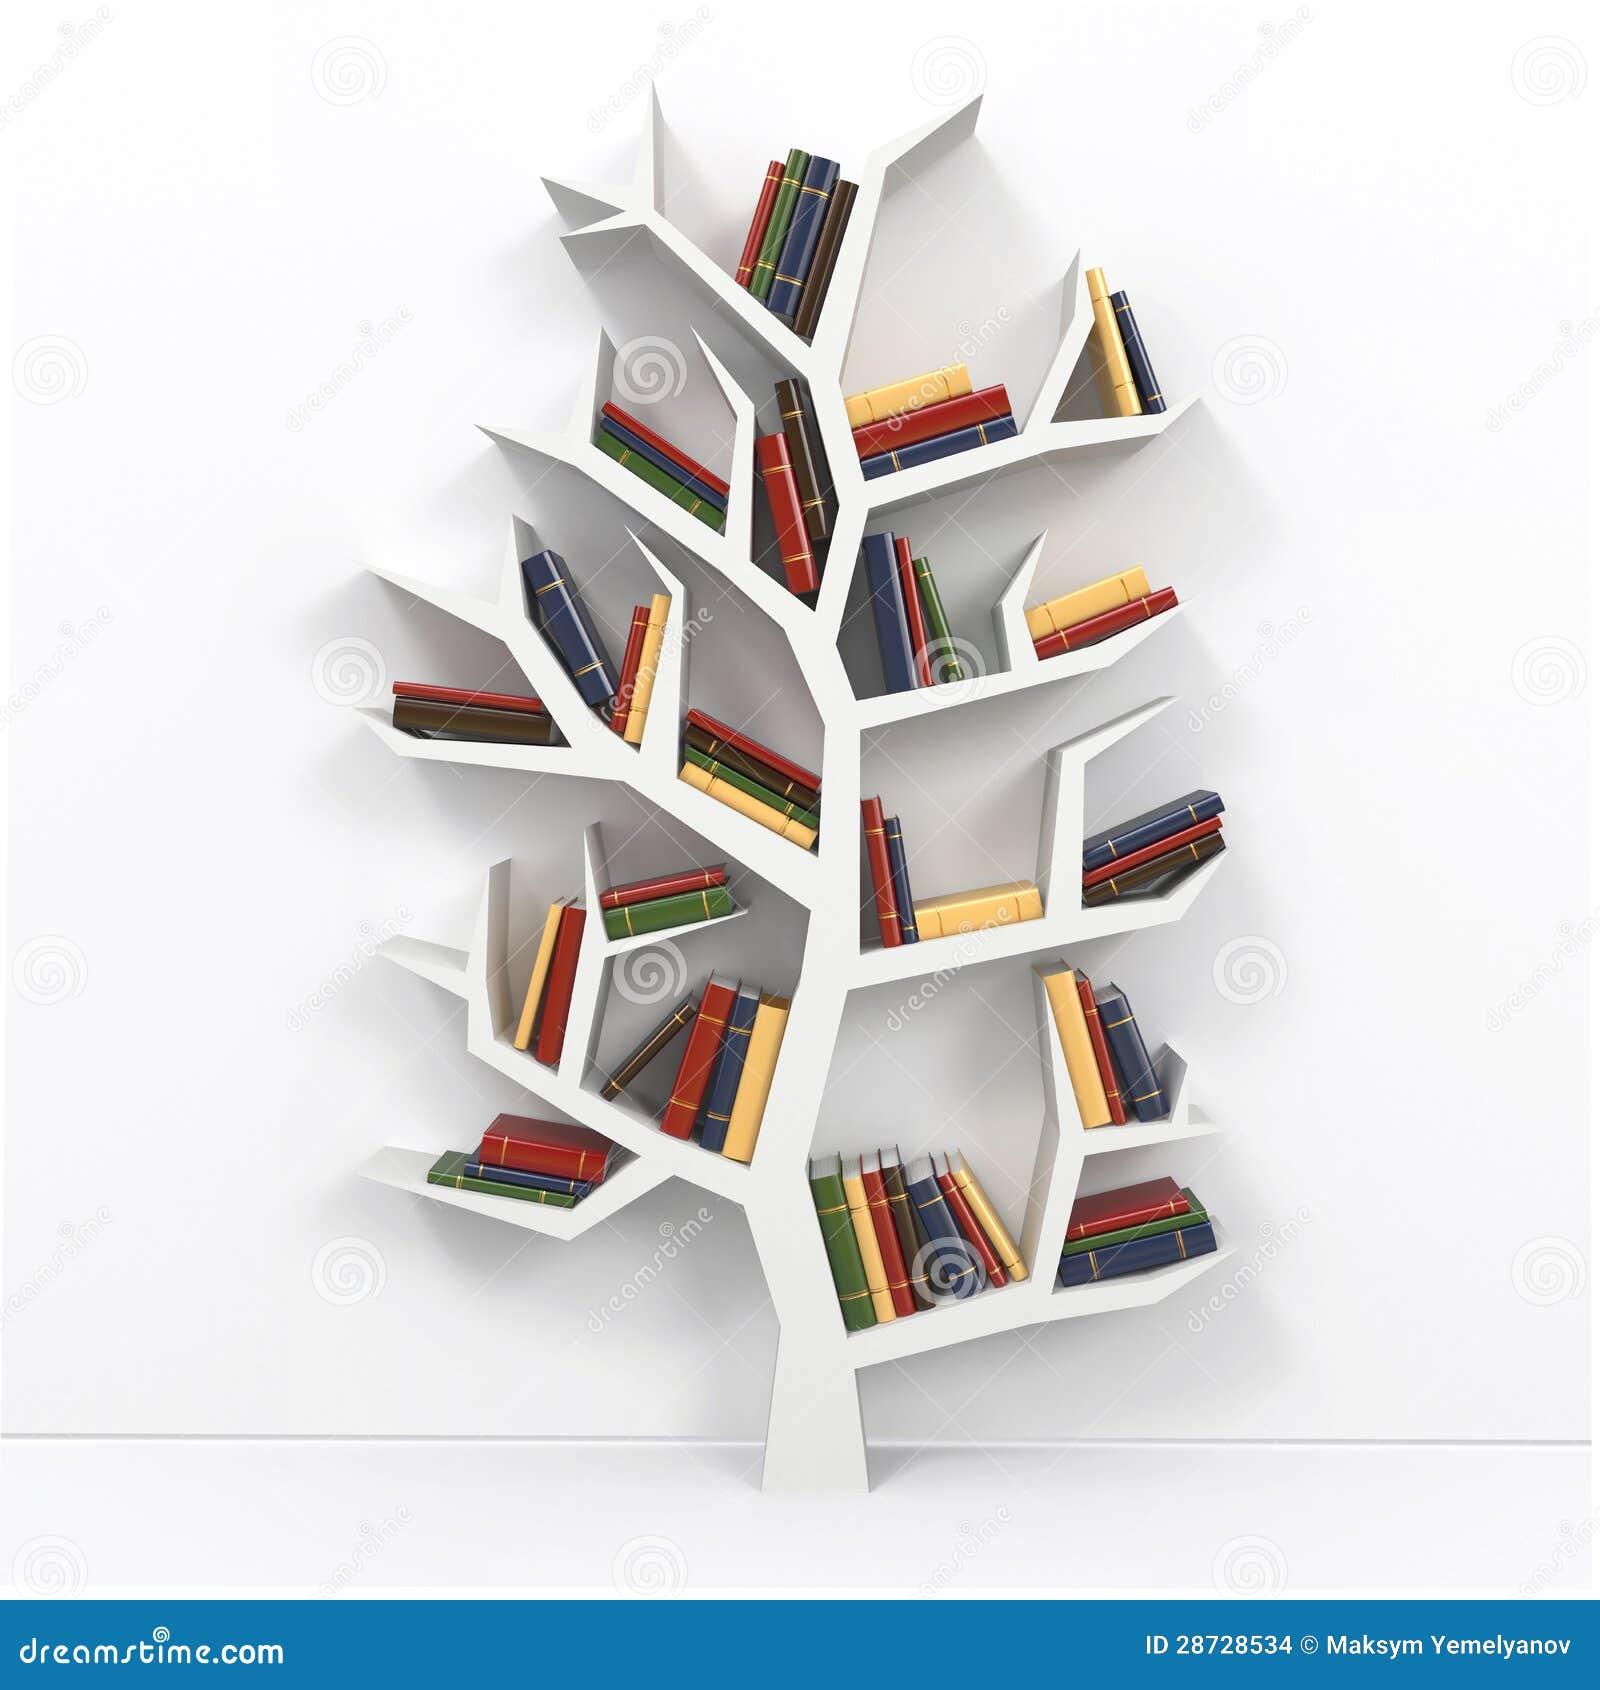 Baum Des Wissens Stockbilder  Bild 28728534 ~ Bücherregal Baum